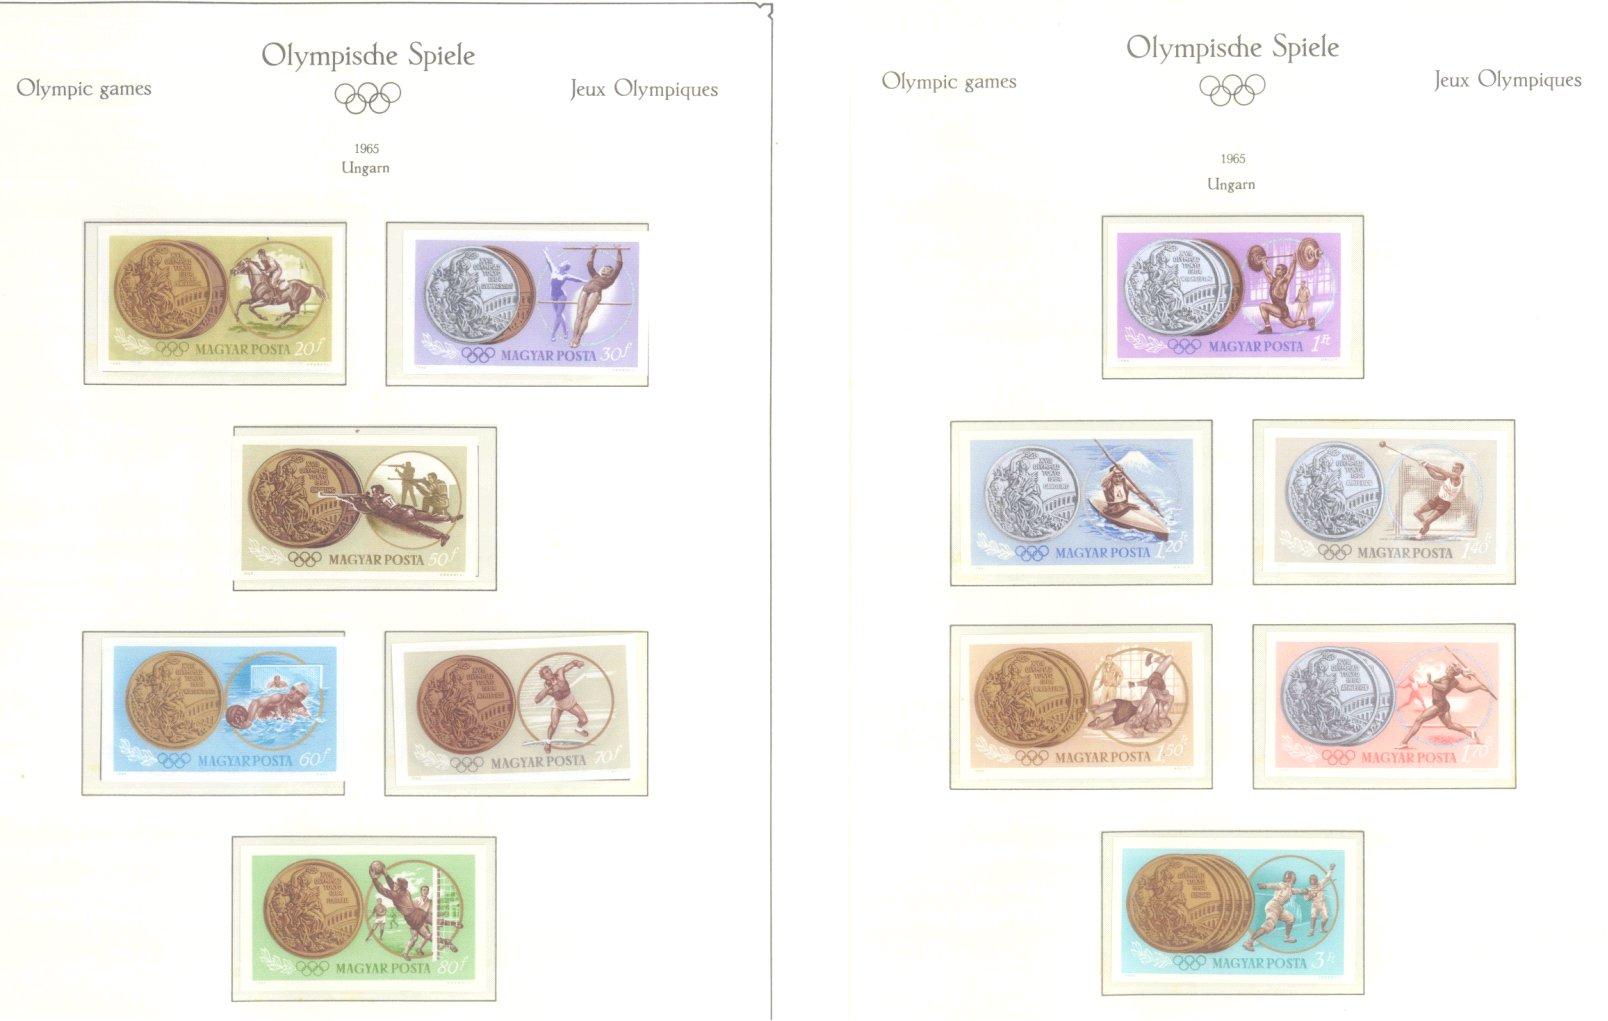 OLYMPISCHE SPIELE 1964 TOKIO, postfrische Sammlung Teil 2-55